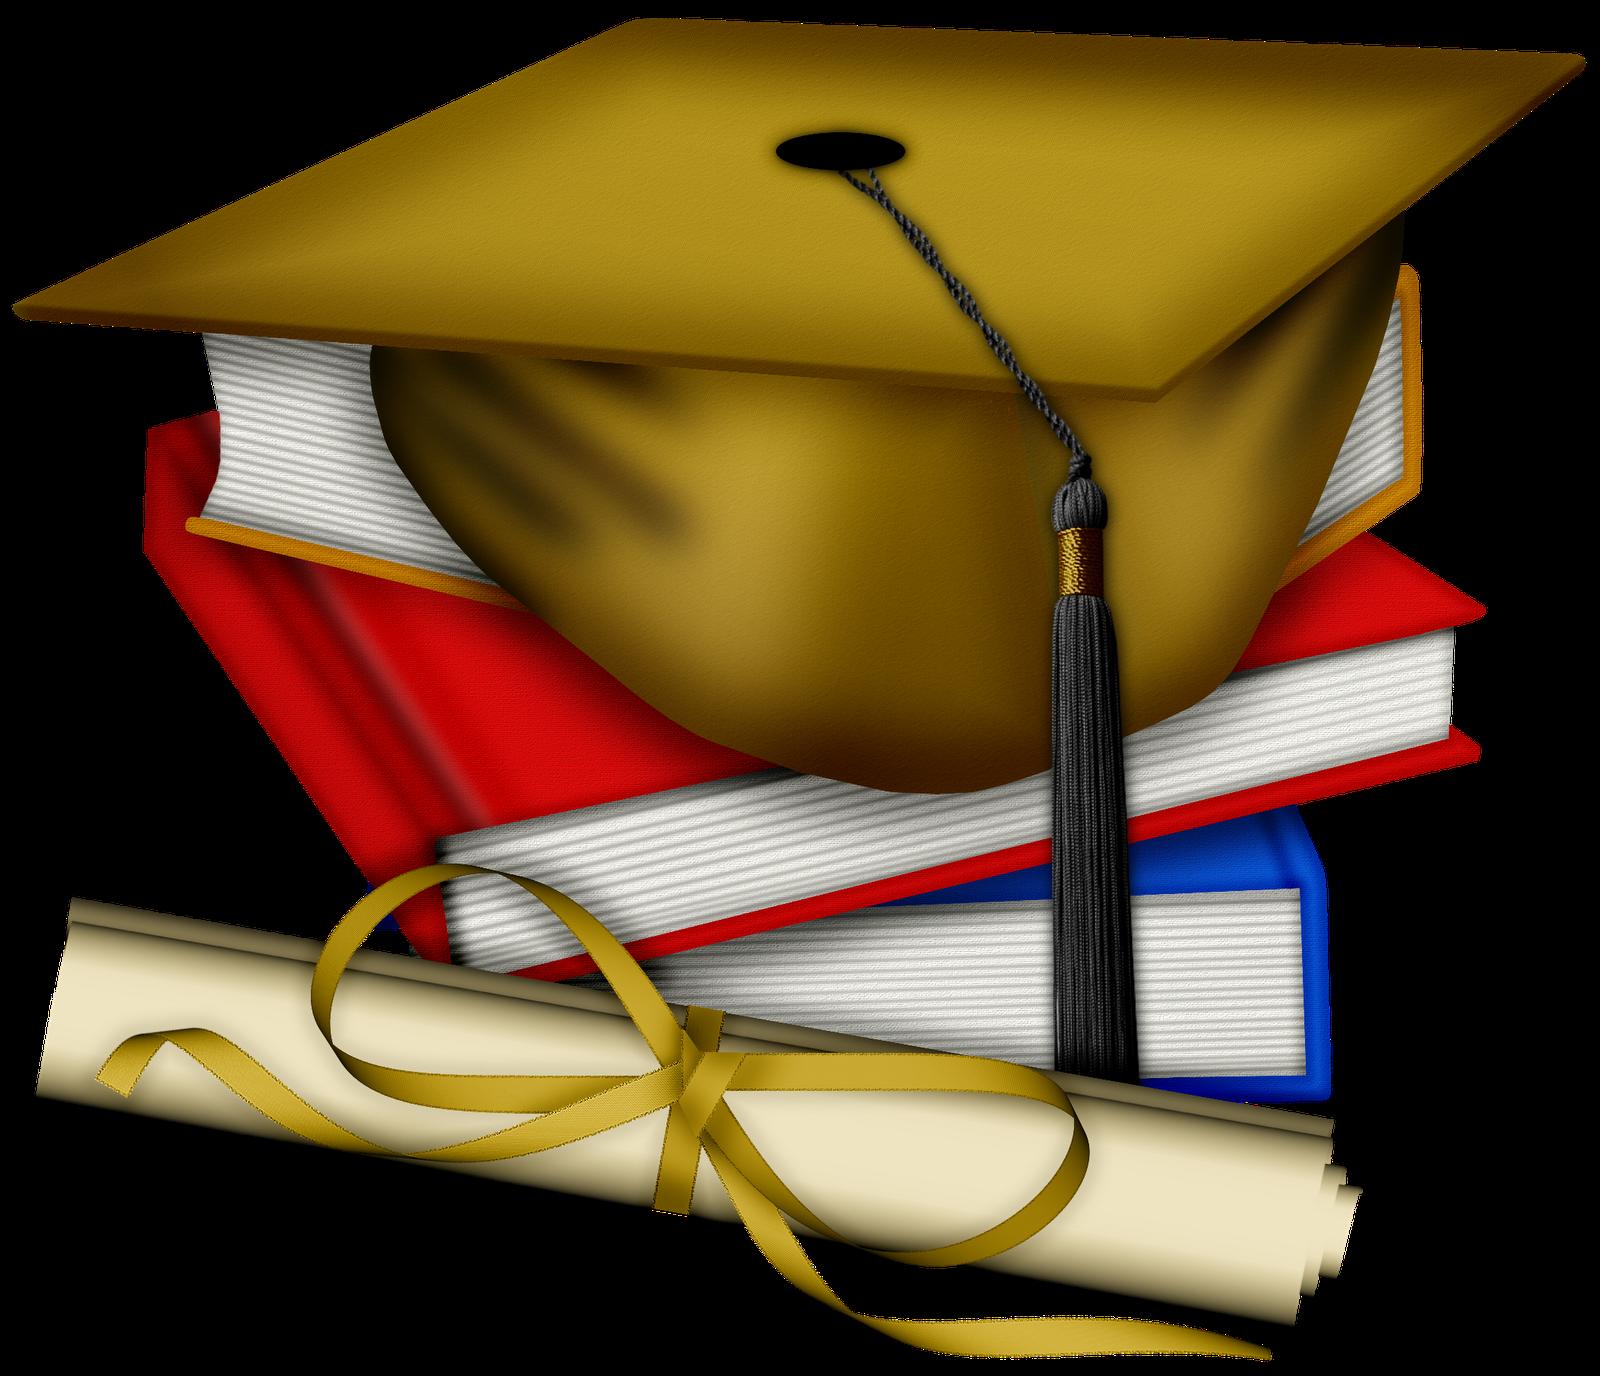 Scholarship money clipart clip freeuse stock ESCOLA & FORMATURA | Graduación | Pinterest | Scrapbook, Psp and Cards clip freeuse stock